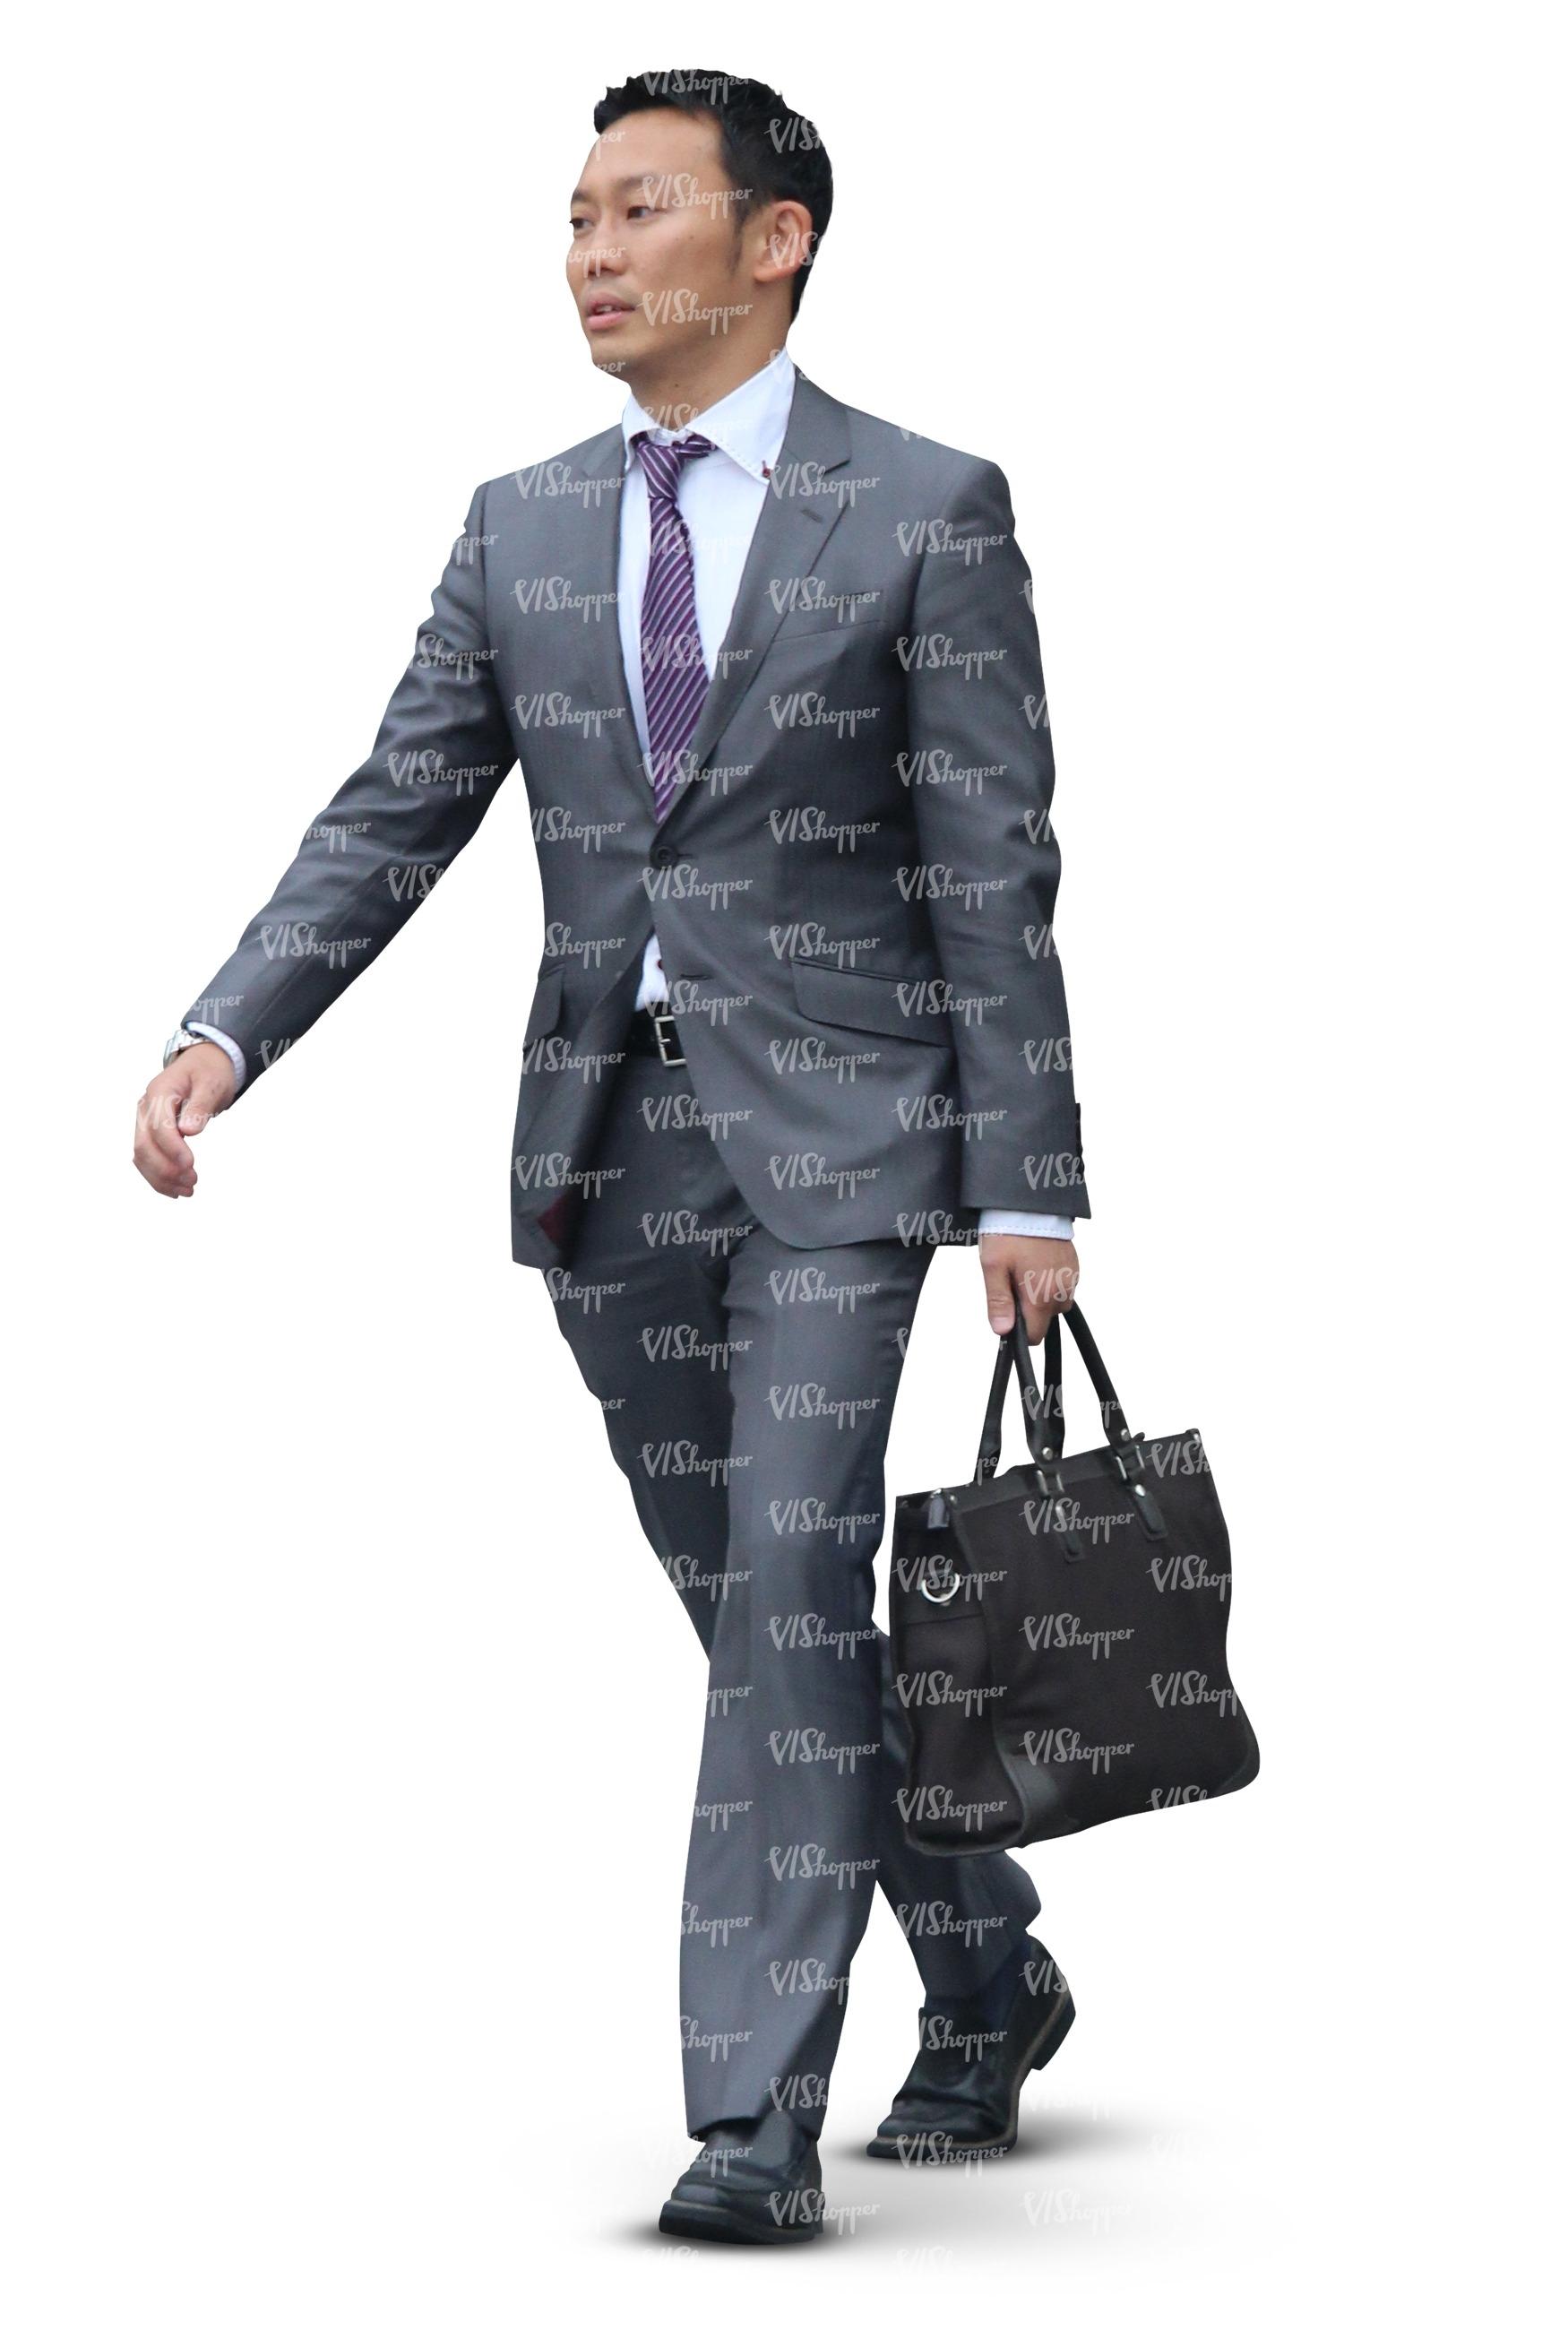 Asian Businessman Haircut